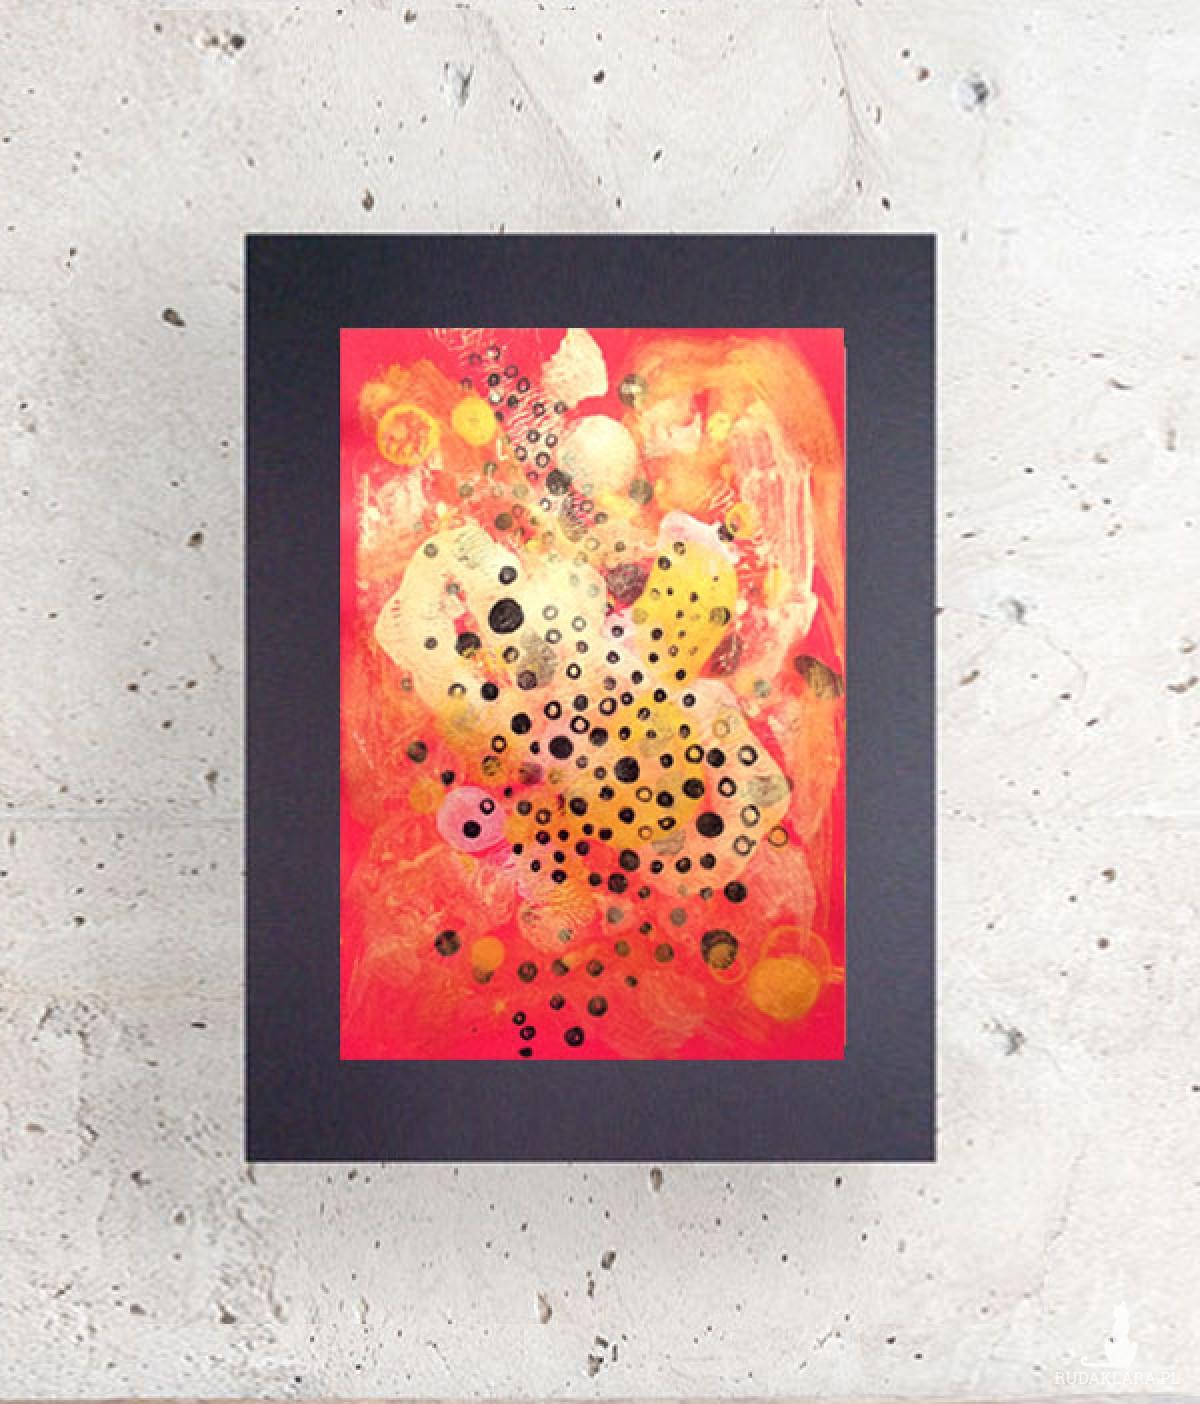 czerwona abstrakcja, minimalizm grafika, abstrakcyjny rysunek do pokoju